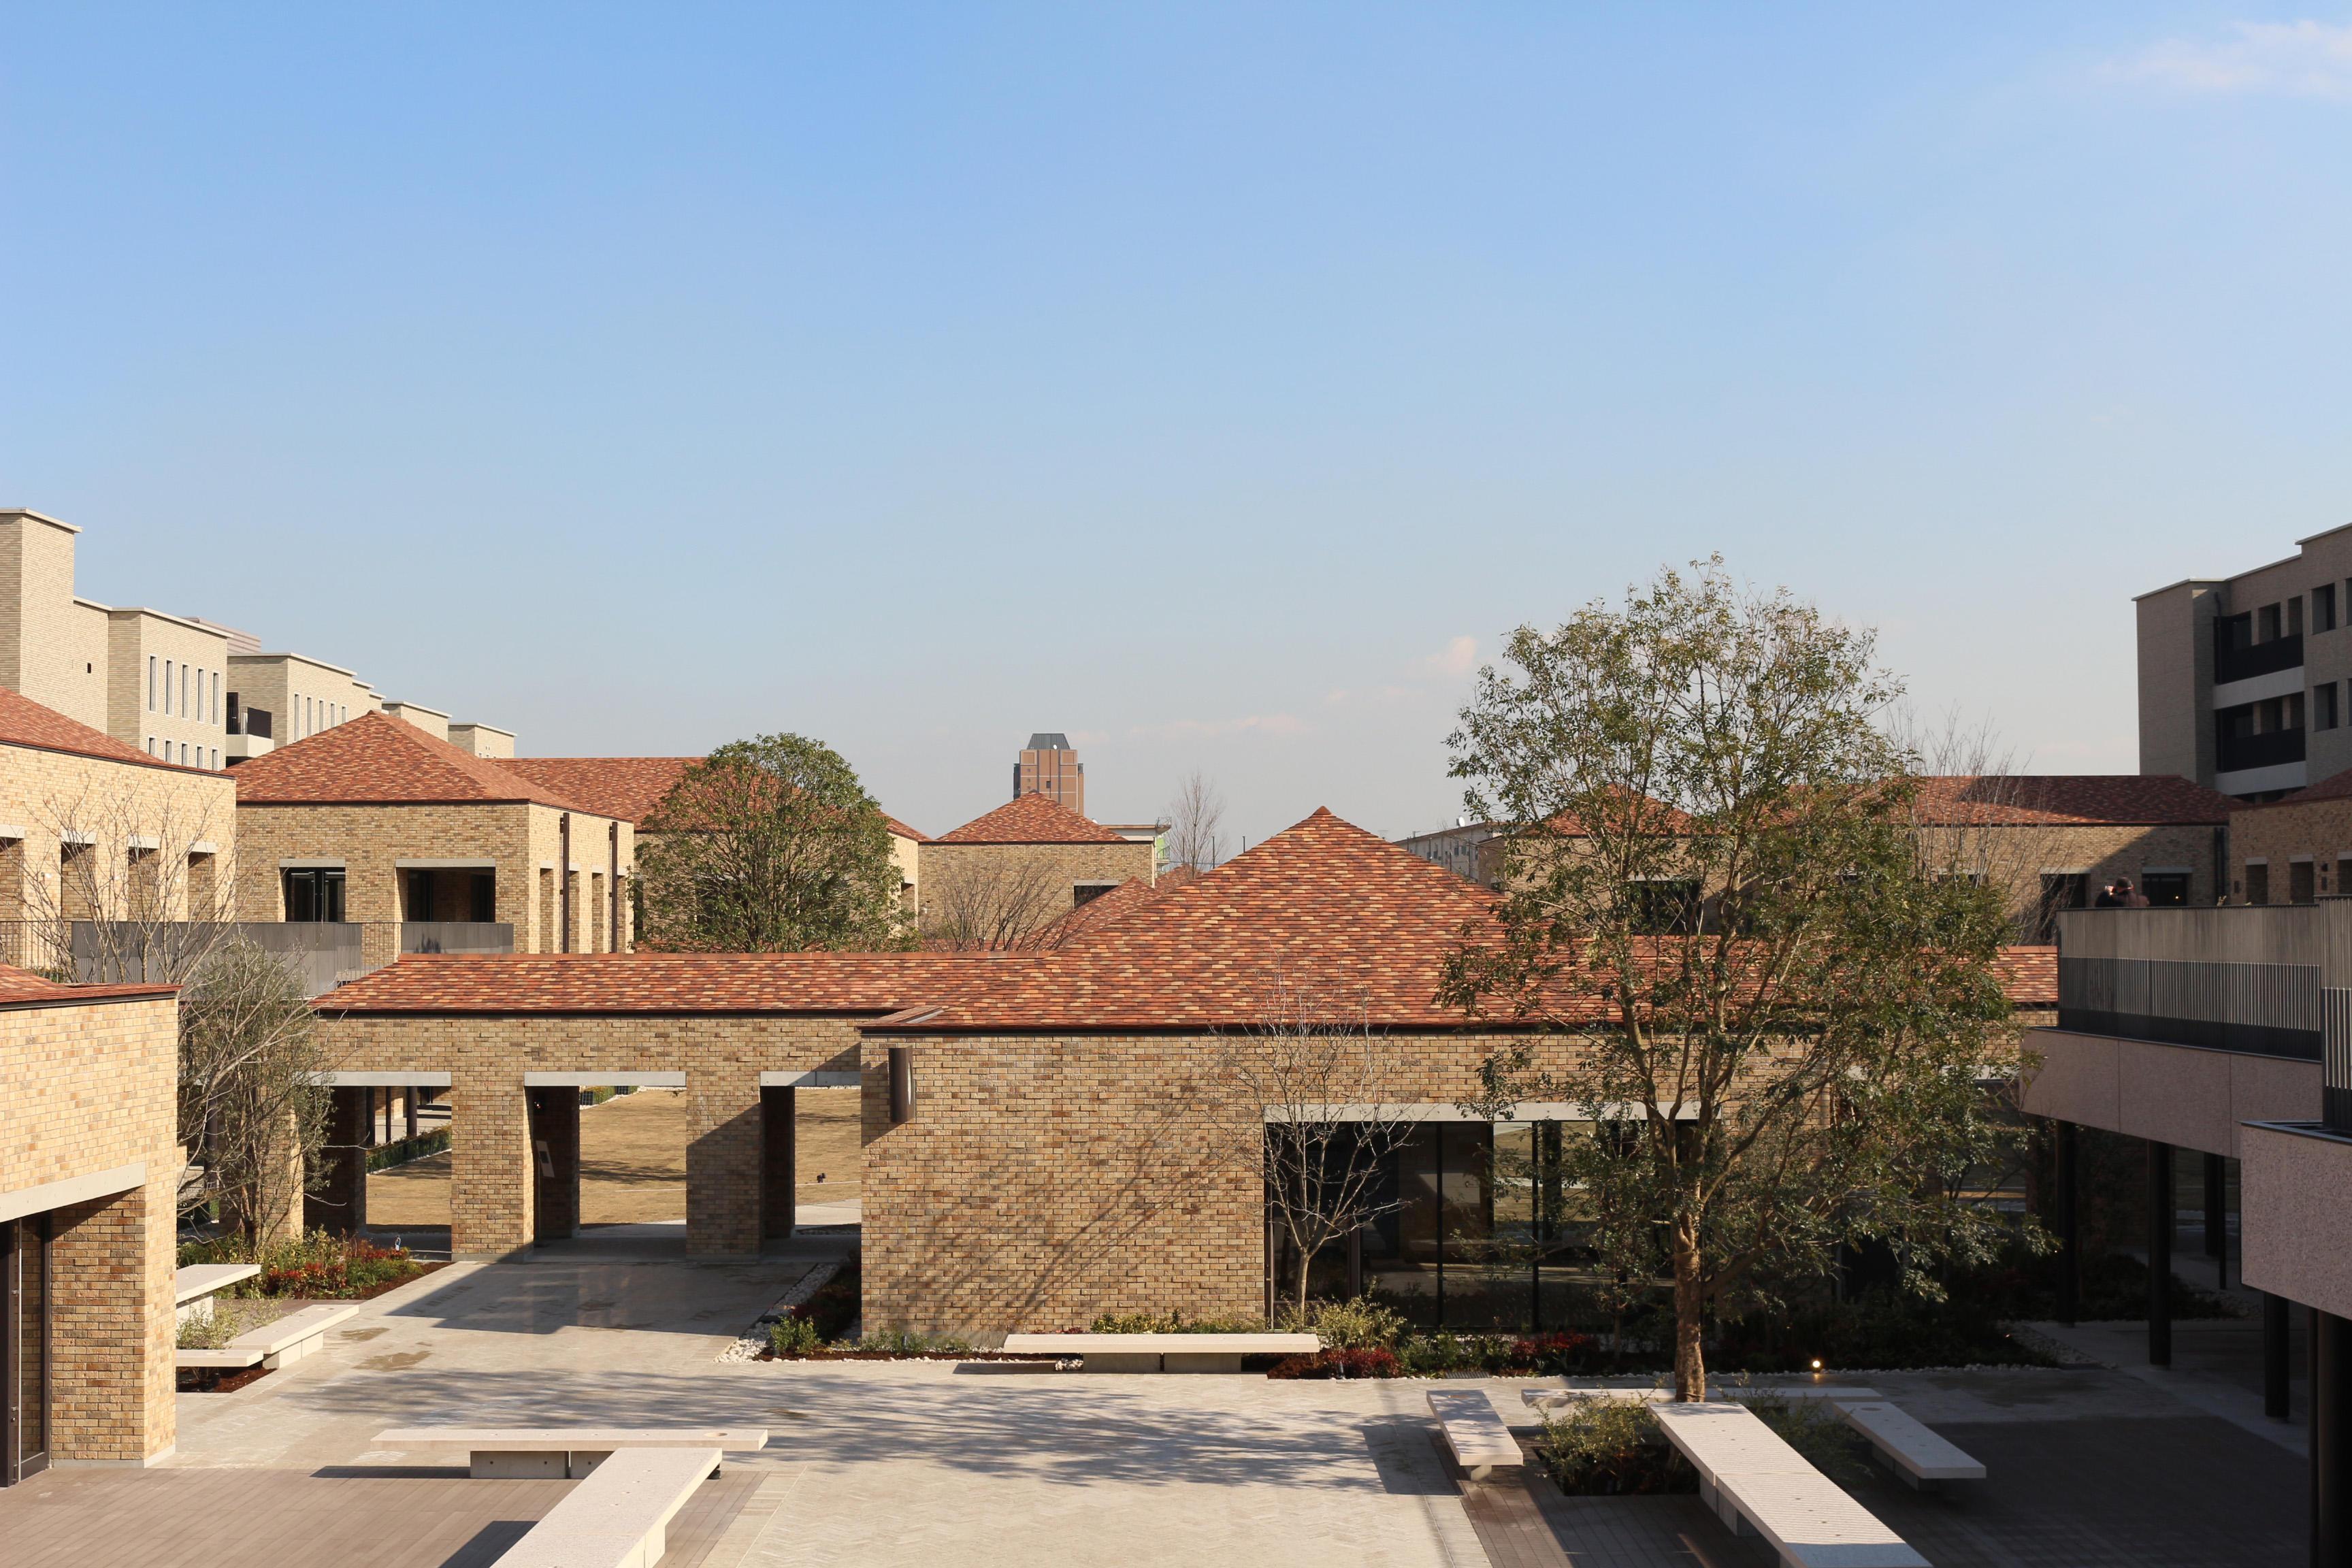 関西外国語大学の新キャンパス『御殿山キャンパス・グローバルタウン』が完成